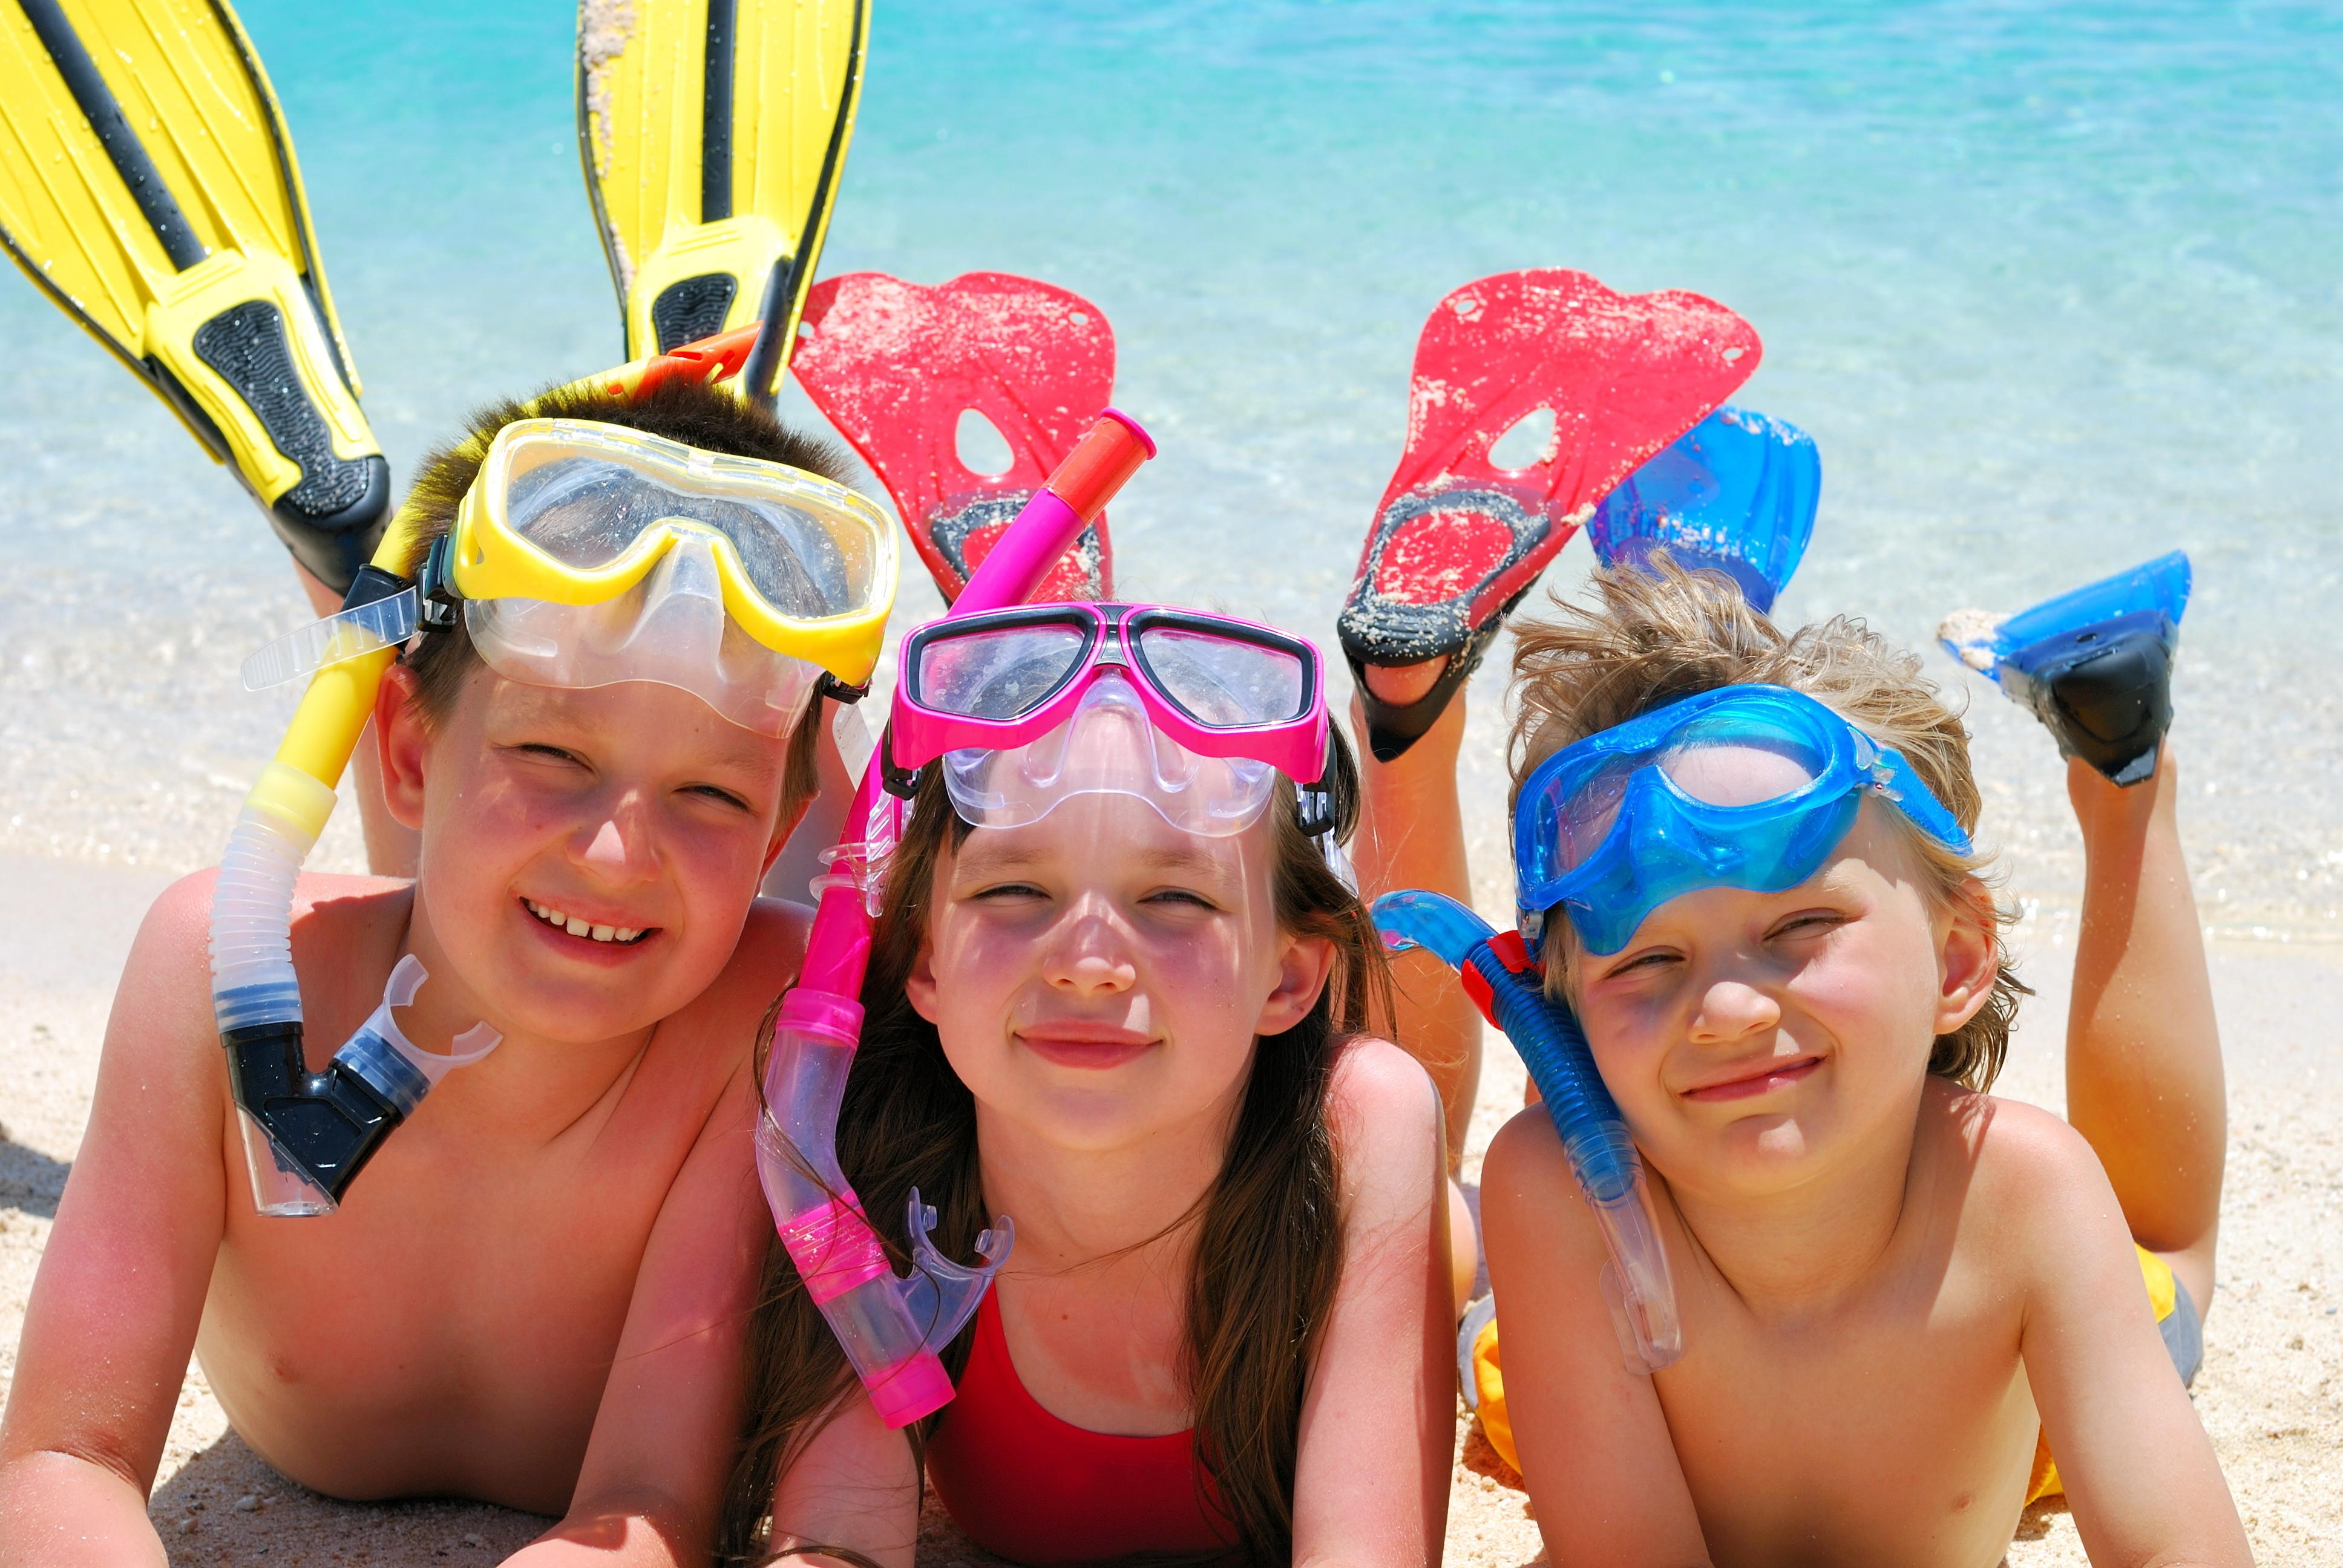 plages-enfants-campings-seasonova